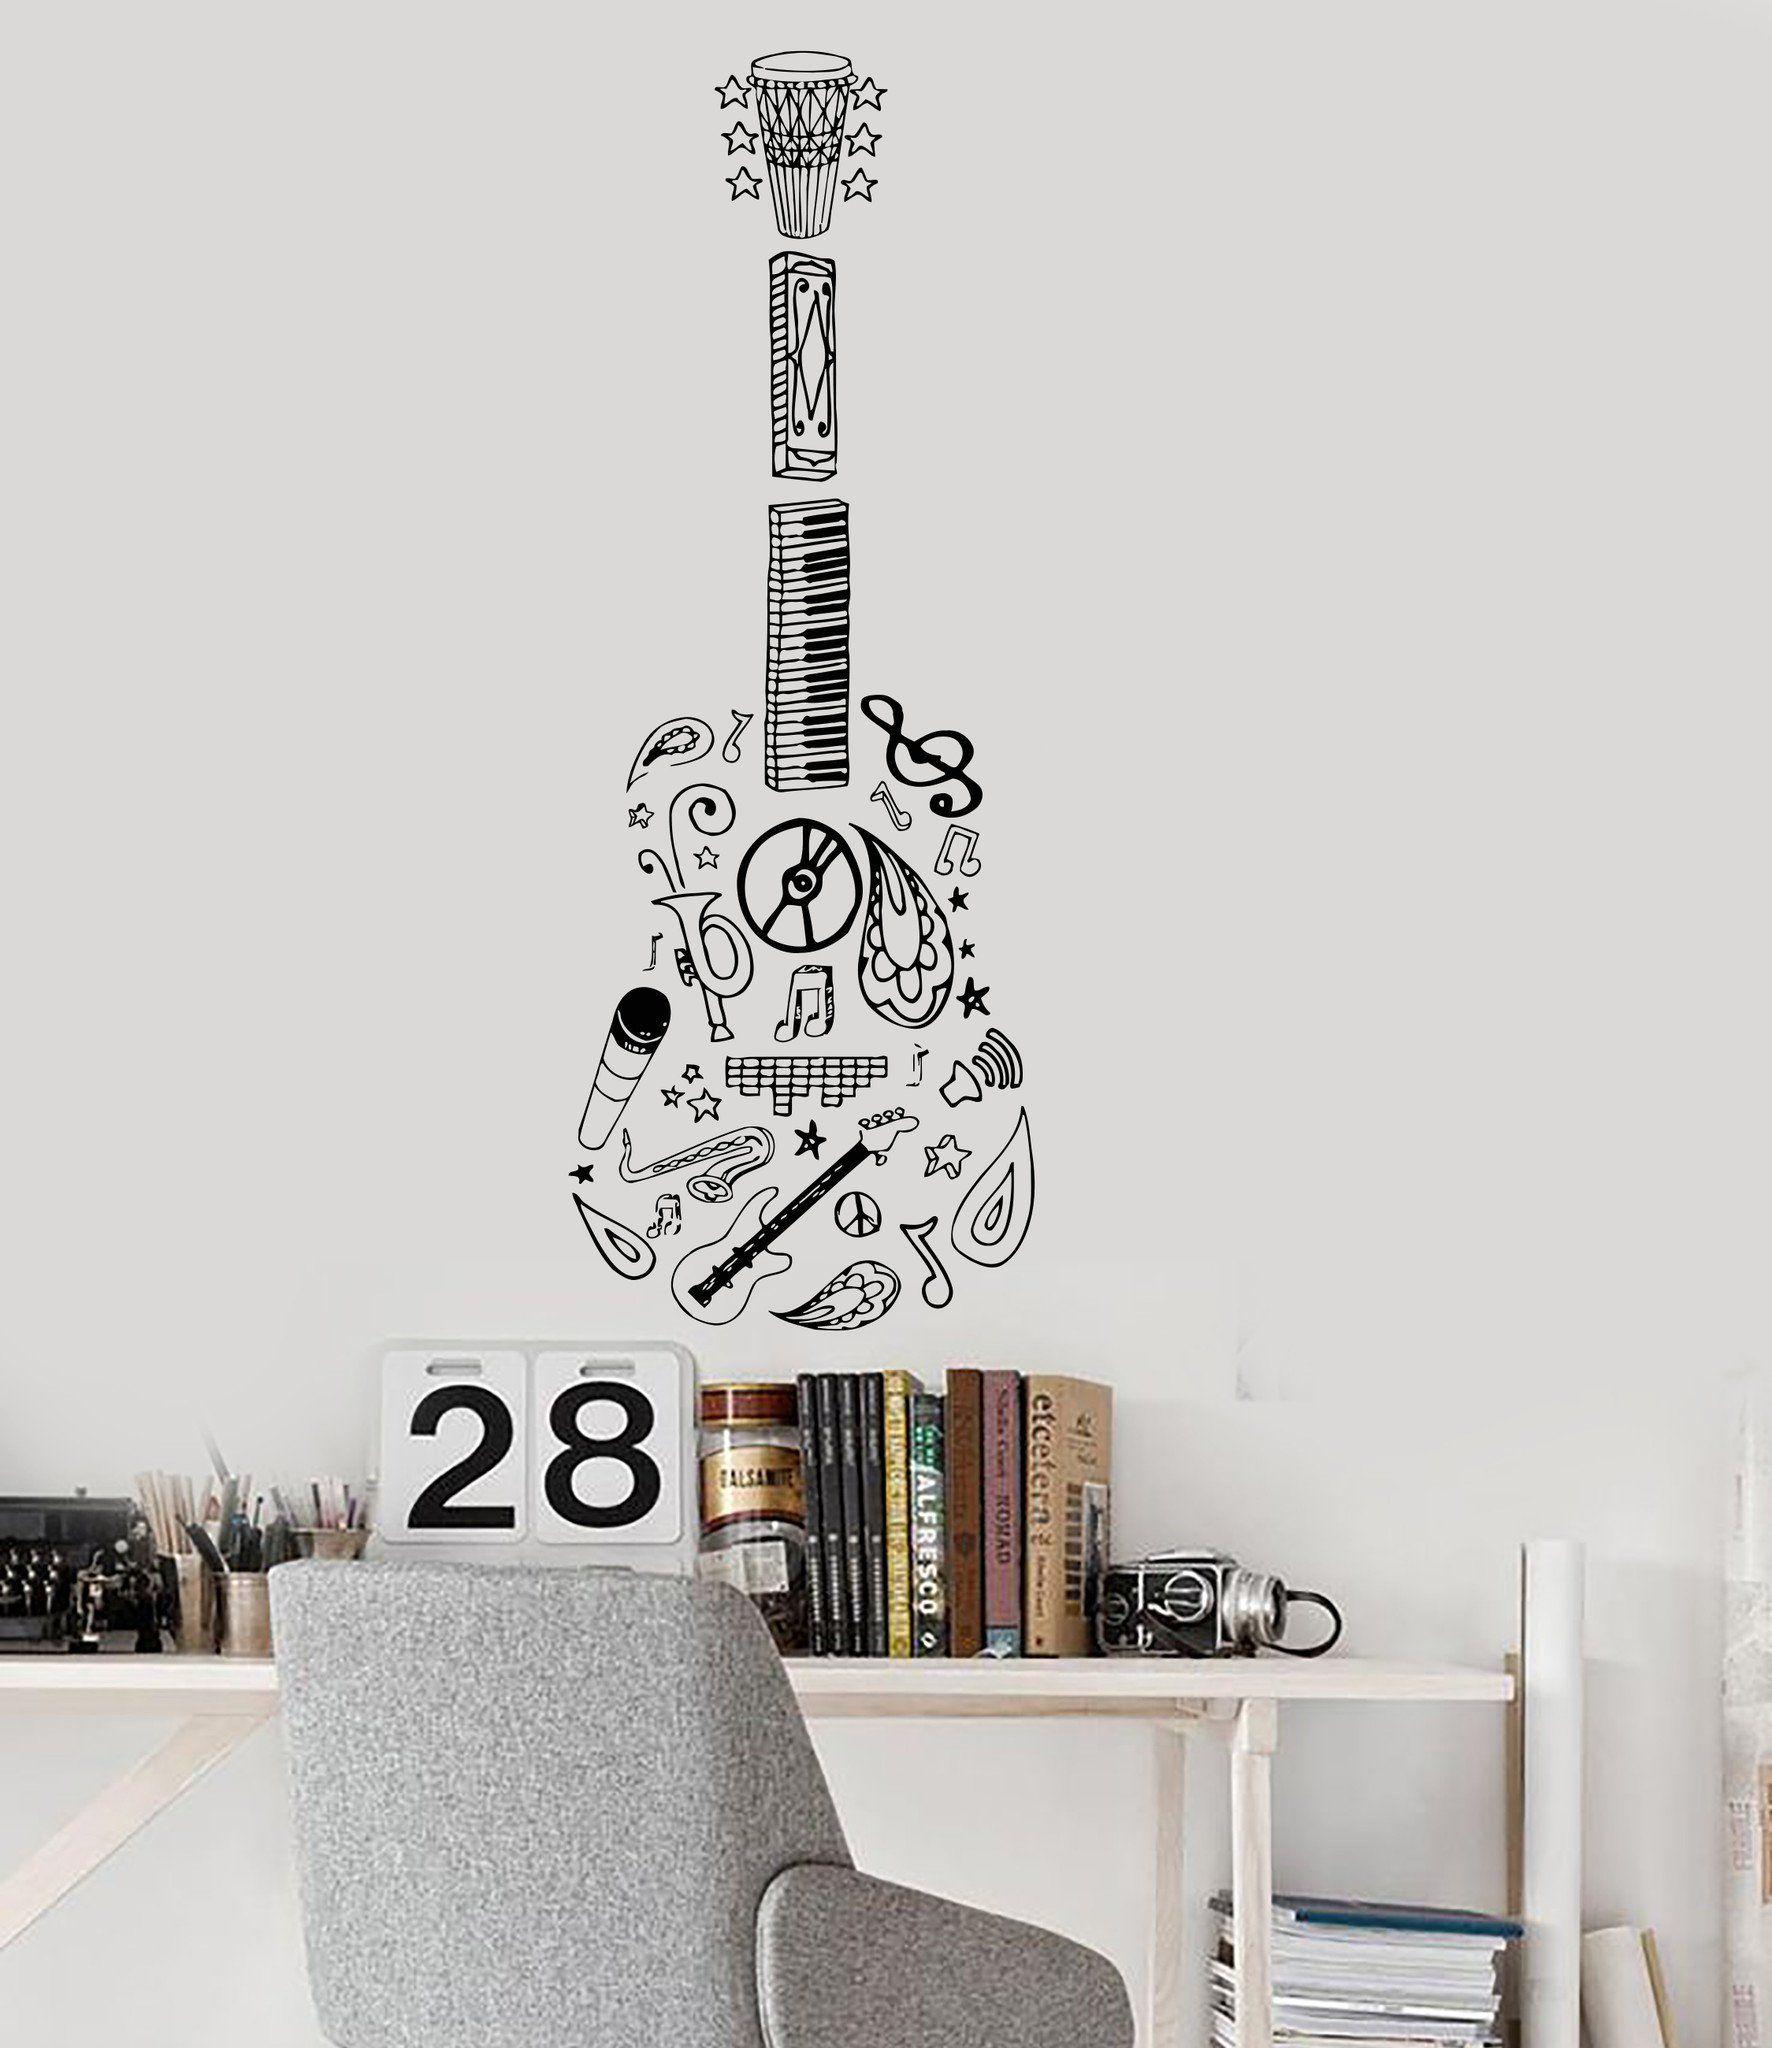 Autocollant Vinyle Guitare Musique Instrument de musique décoration Sketch autocollants muraux 034ig